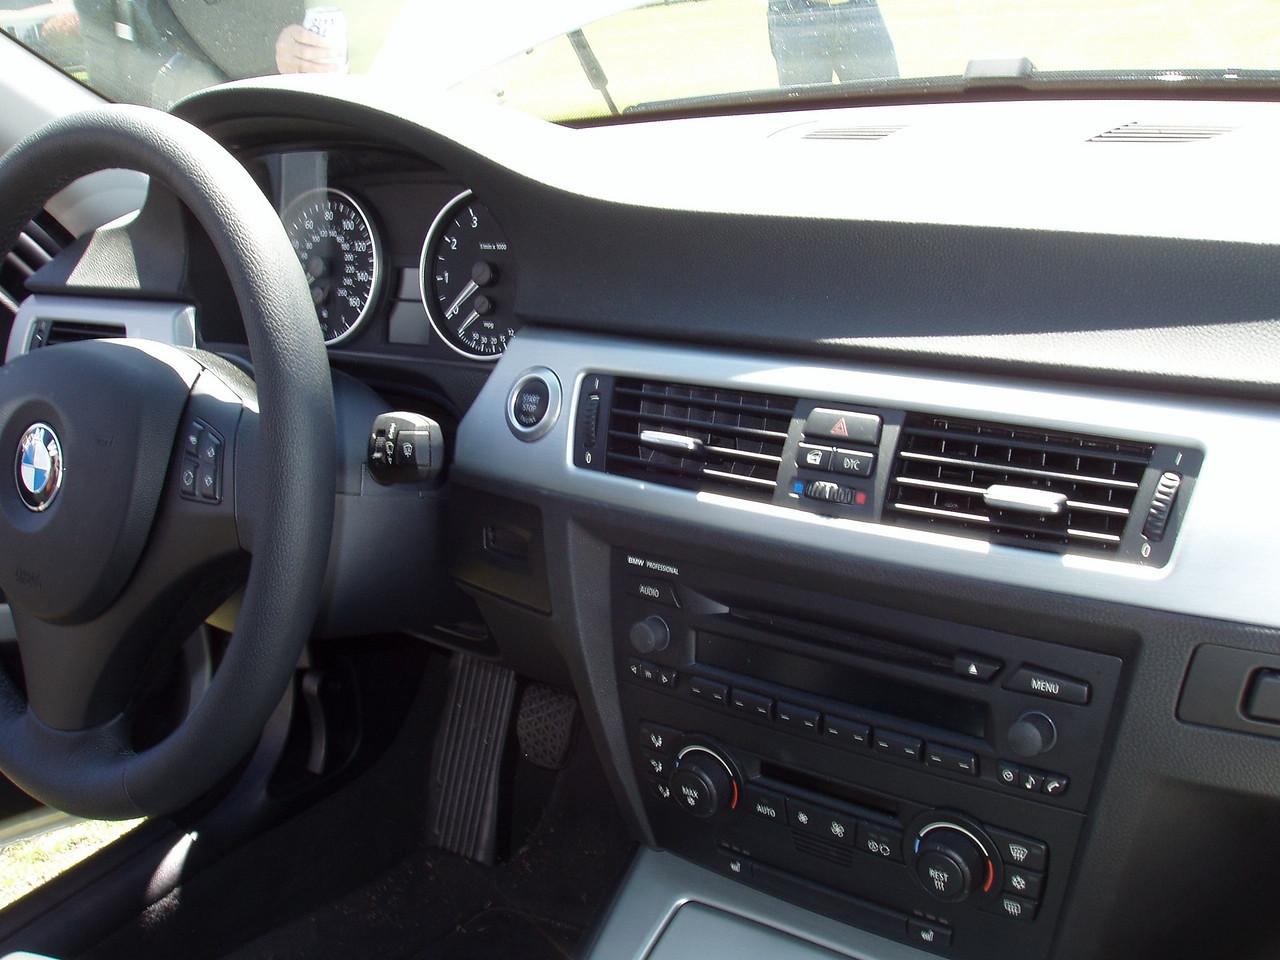 2006 330i dash